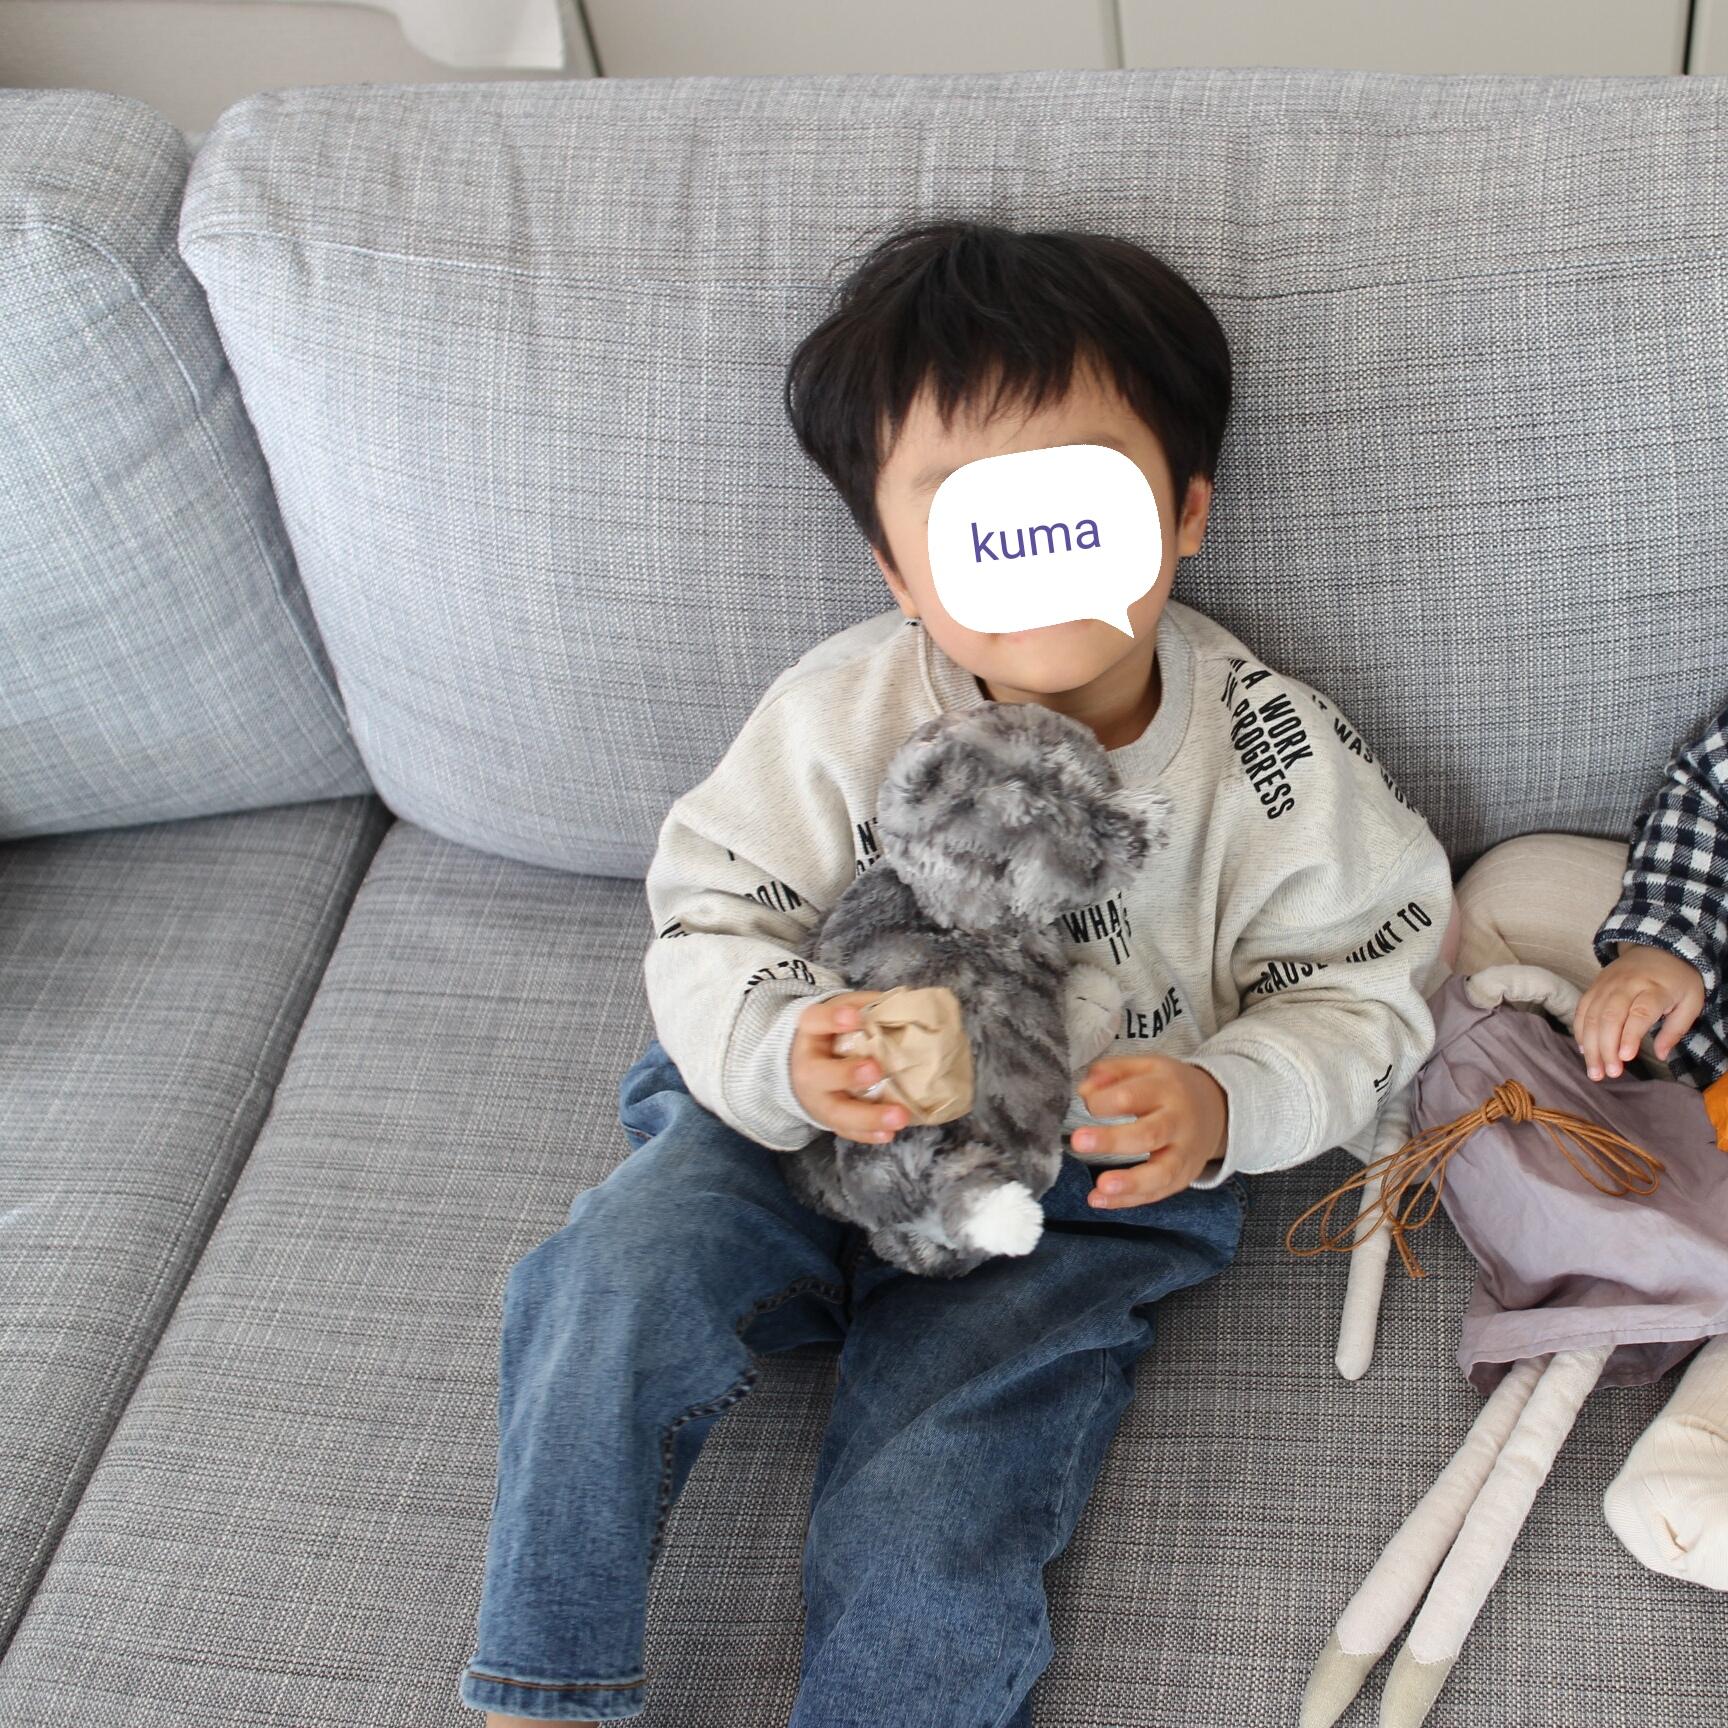 幼稚園グッズ作りのためミシンと生地を買いました。